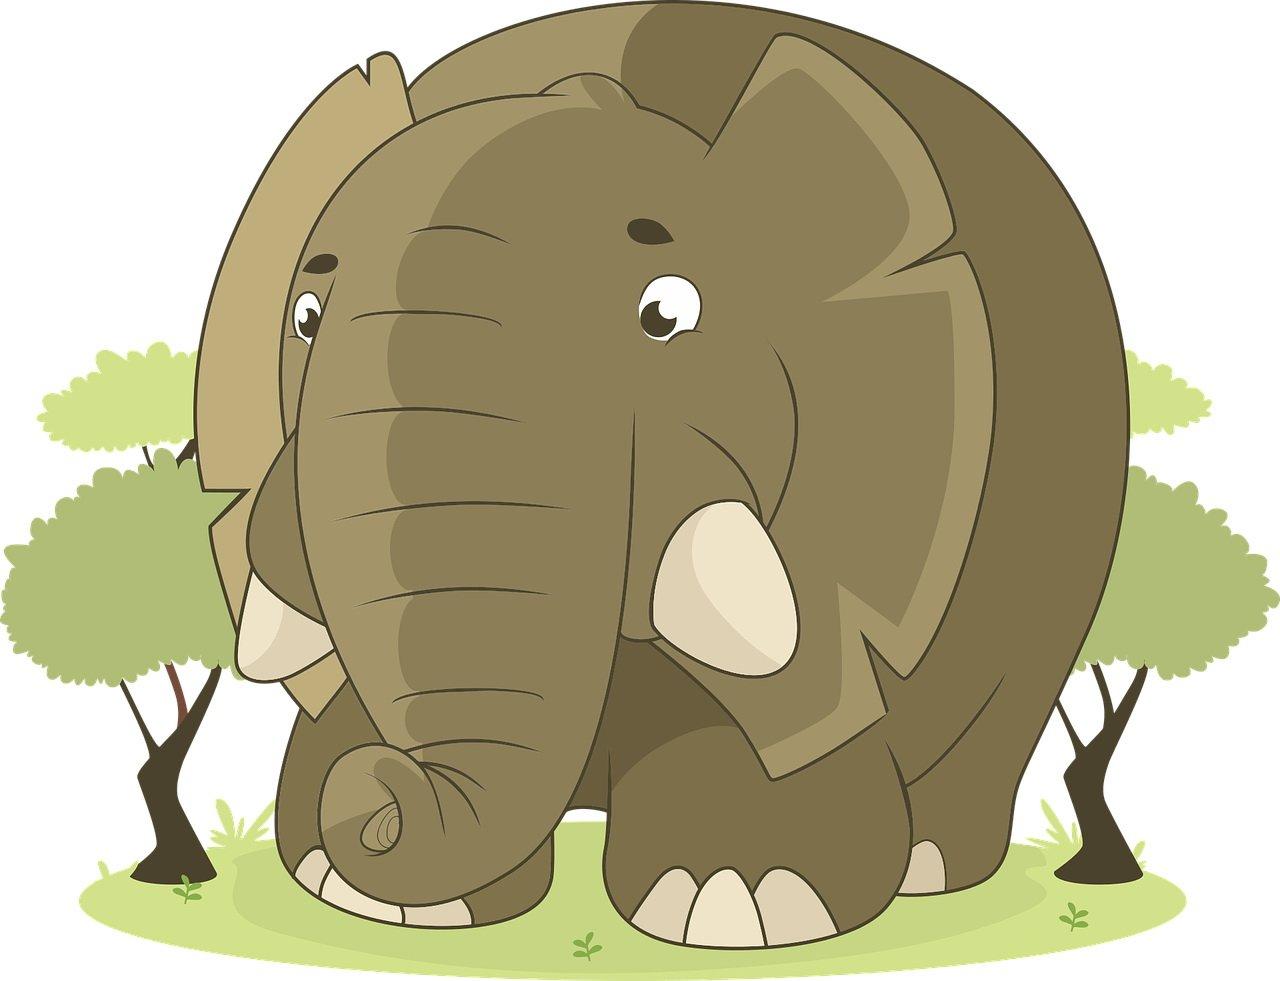 Śmieszna zagadka dla dzieci o słoniu